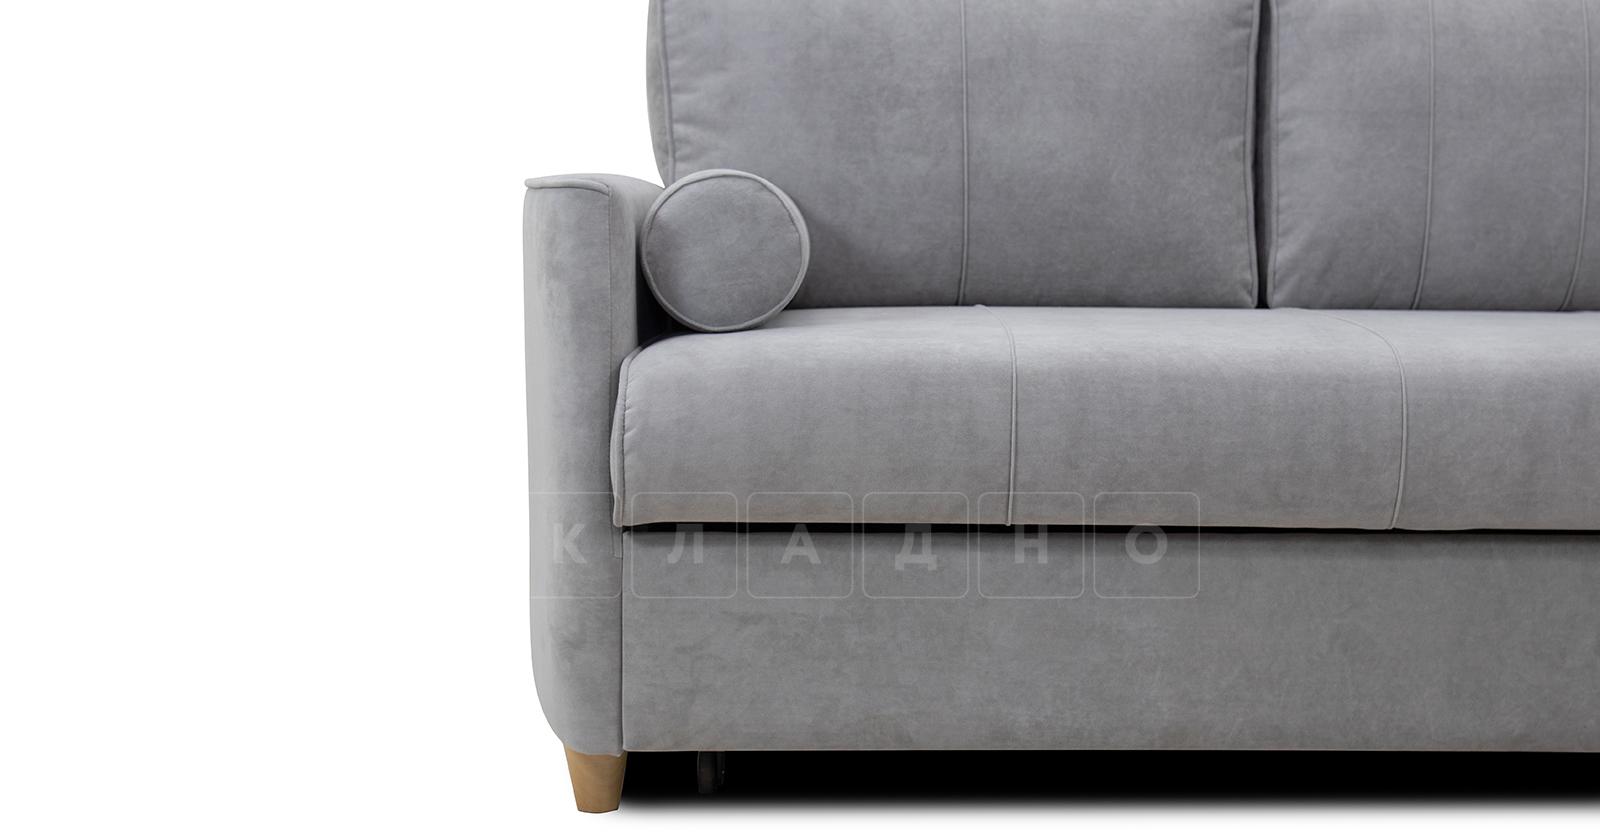 Угловой диван Лорен серебристый серый фото 13 | интернет-магазин Складно